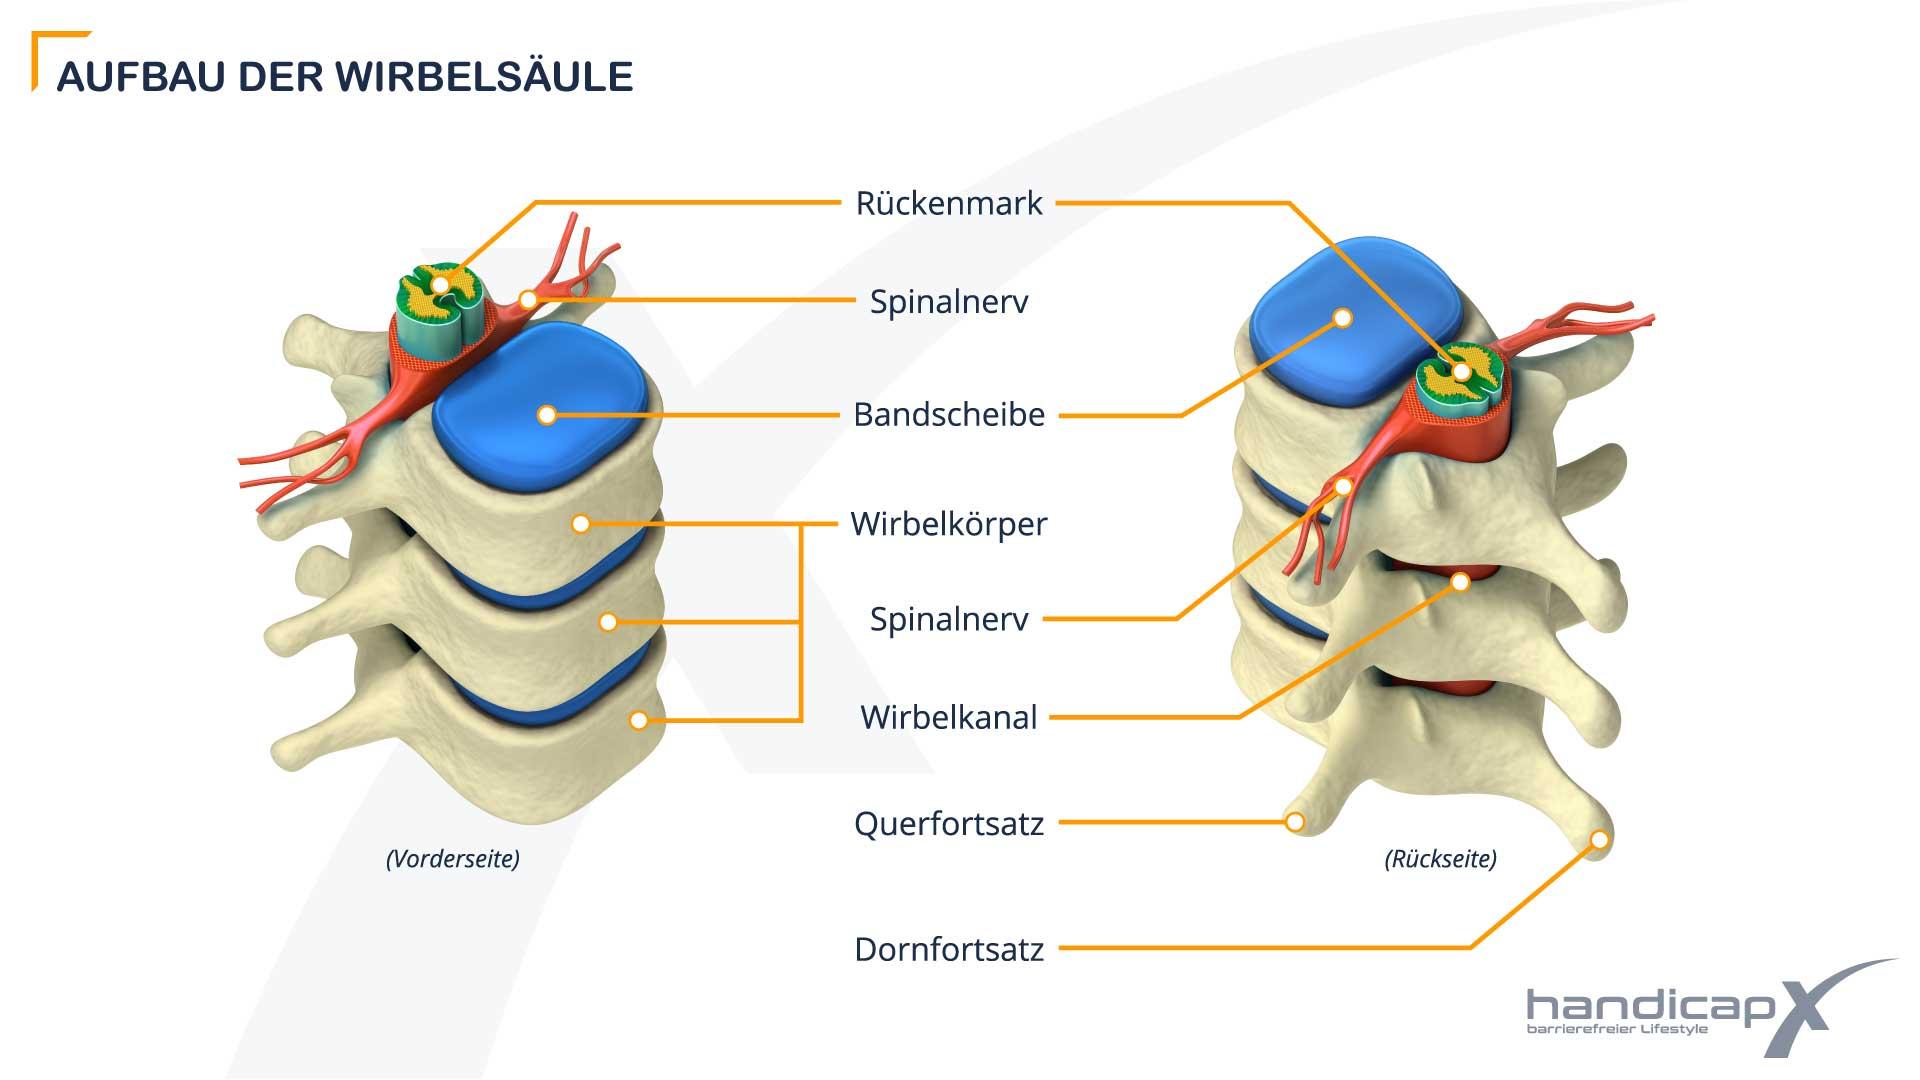 Grafik zeigt den Aufbau der Wirbelsäule